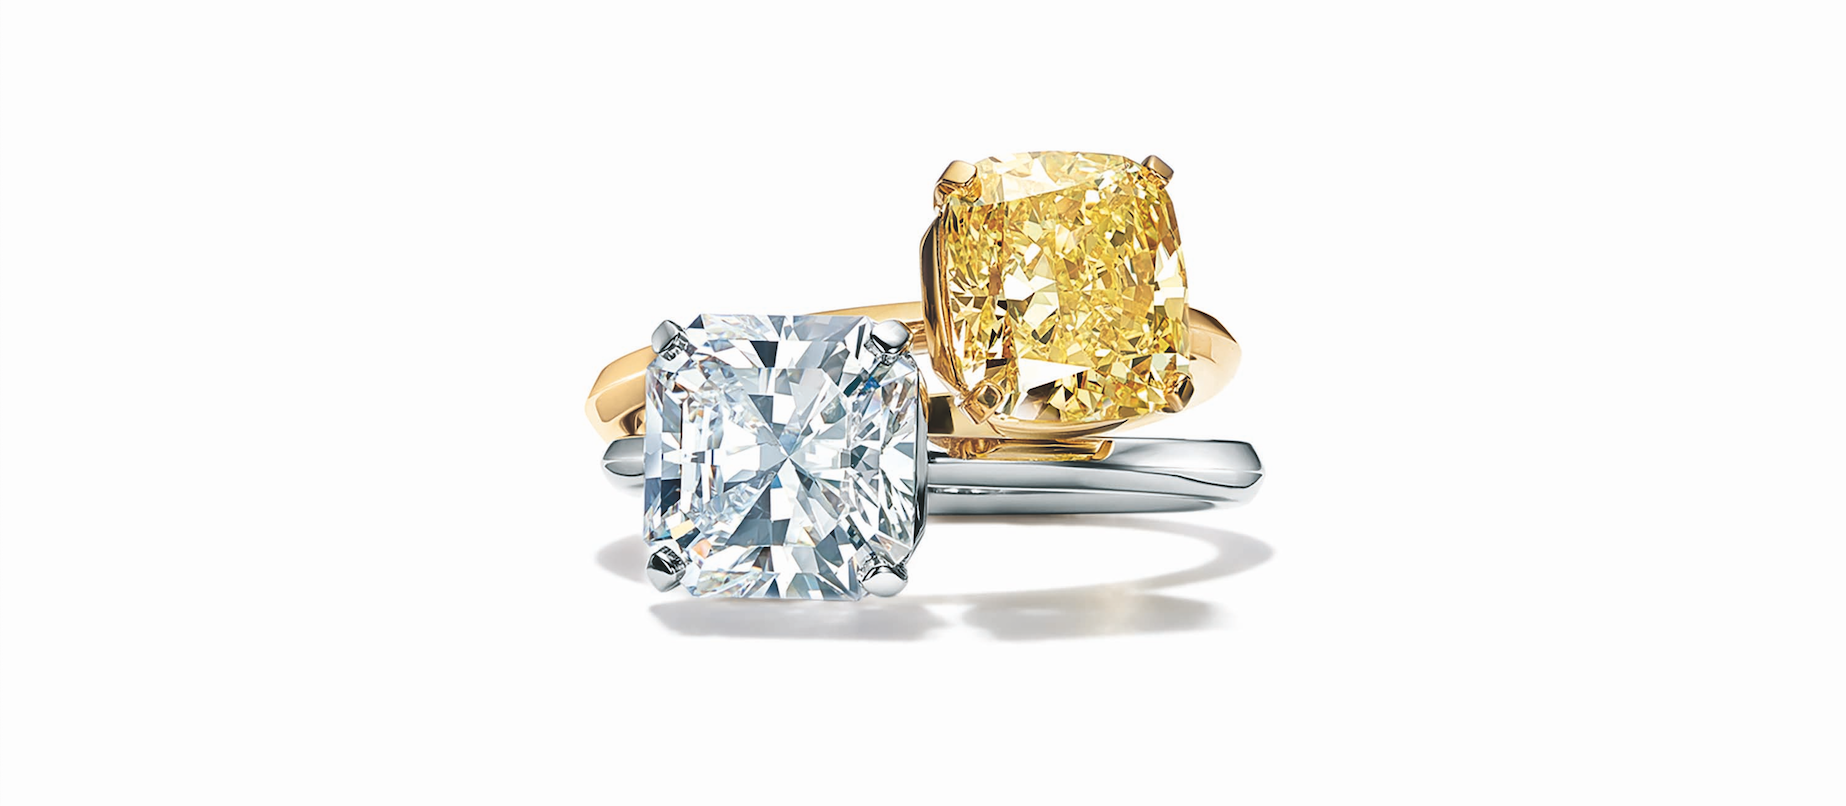 Tiffany True anillo de compromiso